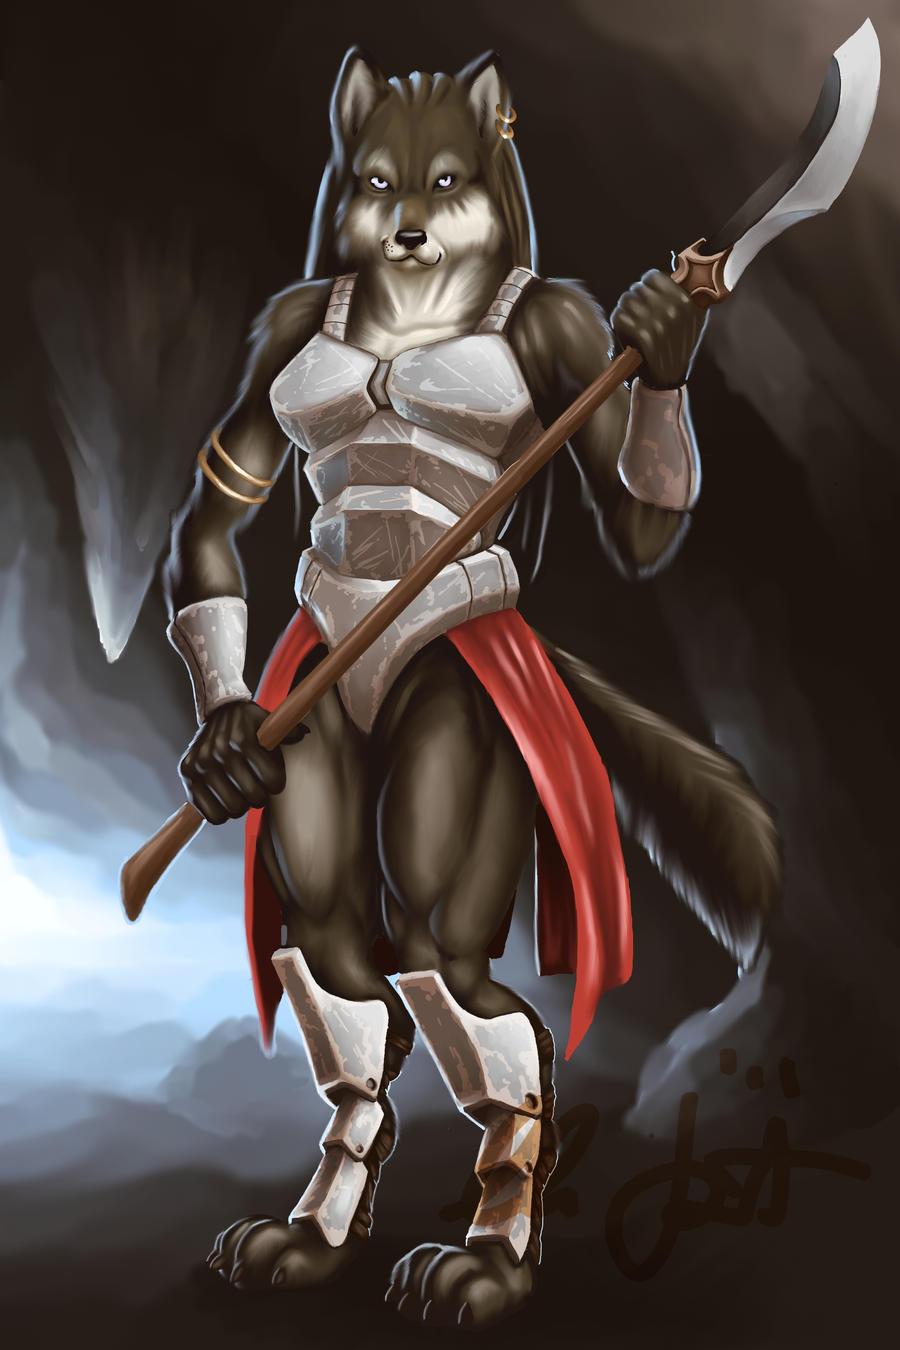 Anthro Wolf Soldier Wolf Soldier by Doffa